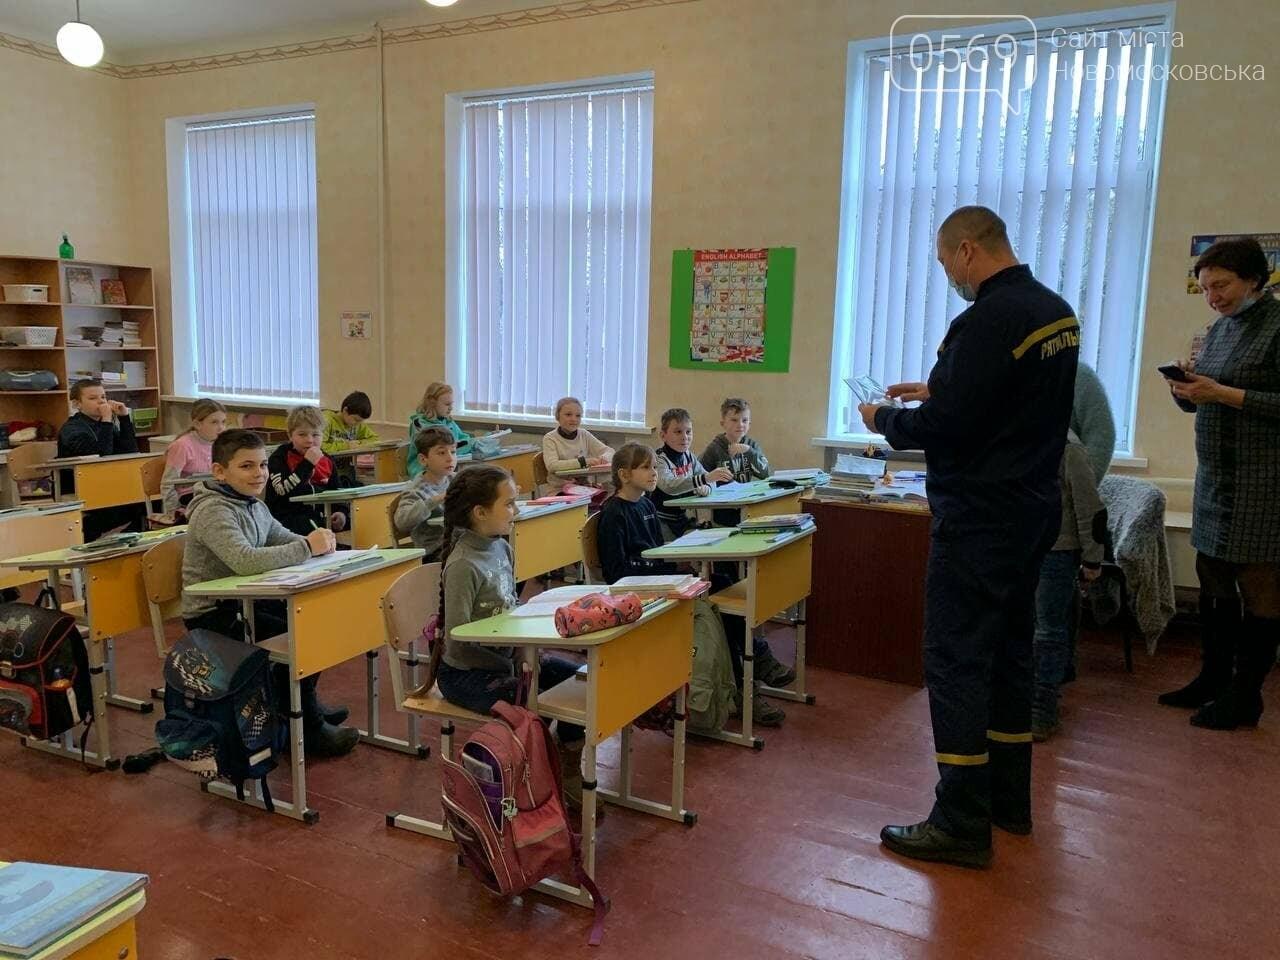 Надзвичайники Новомосковська навчали діток однієї з шкіл правилам безпеки, фото-2